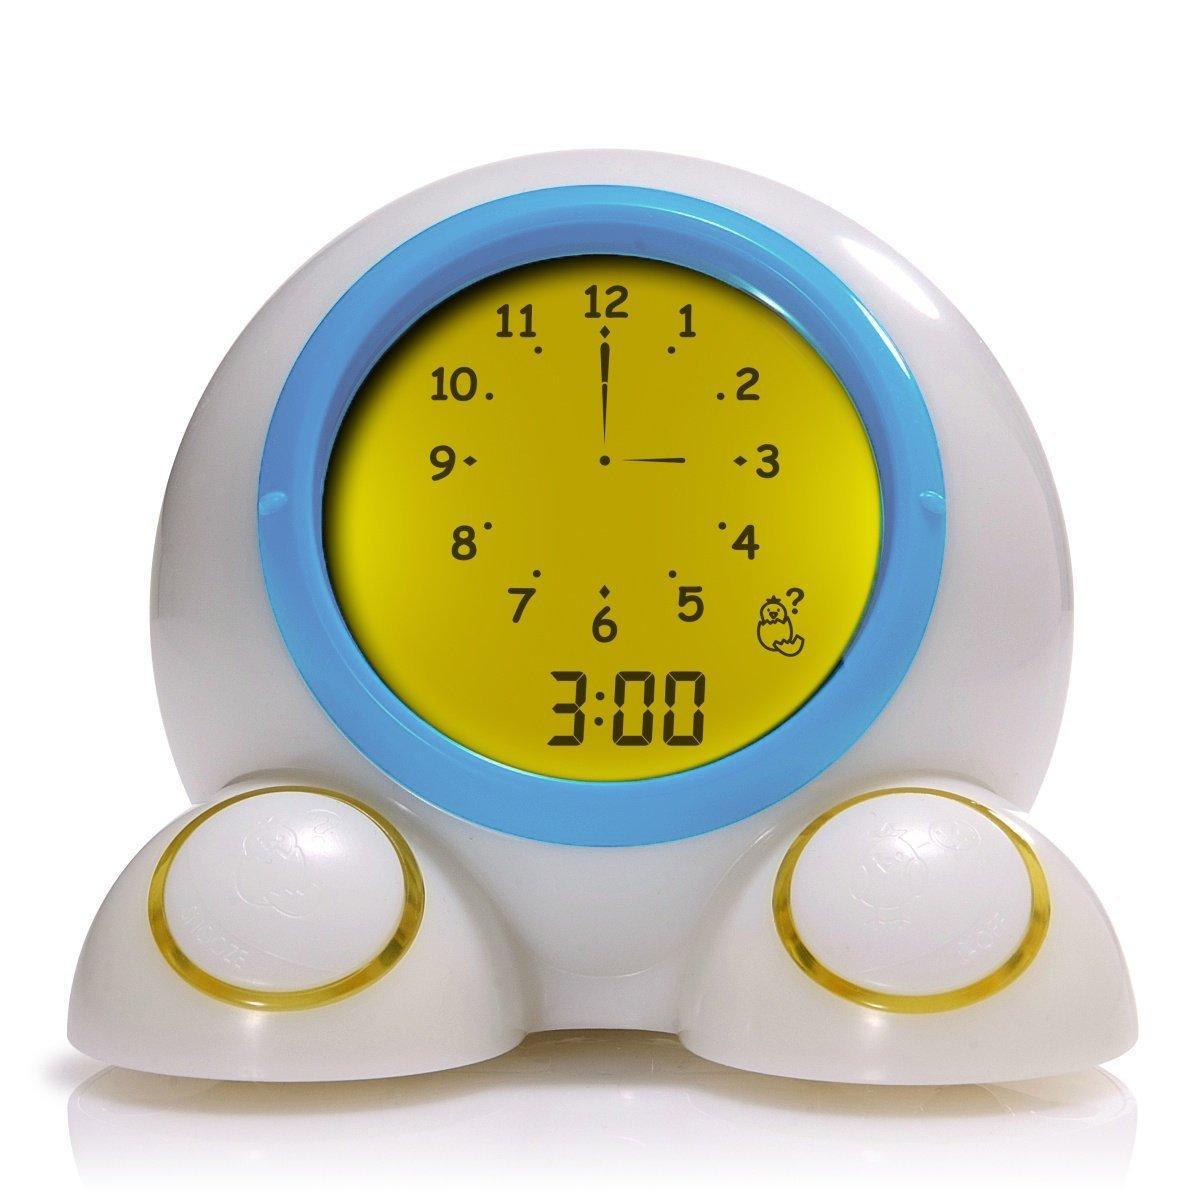 Onaroo Teach Me Time Talking Alarm Clock, Sleep Trainer and Nightlight 8081